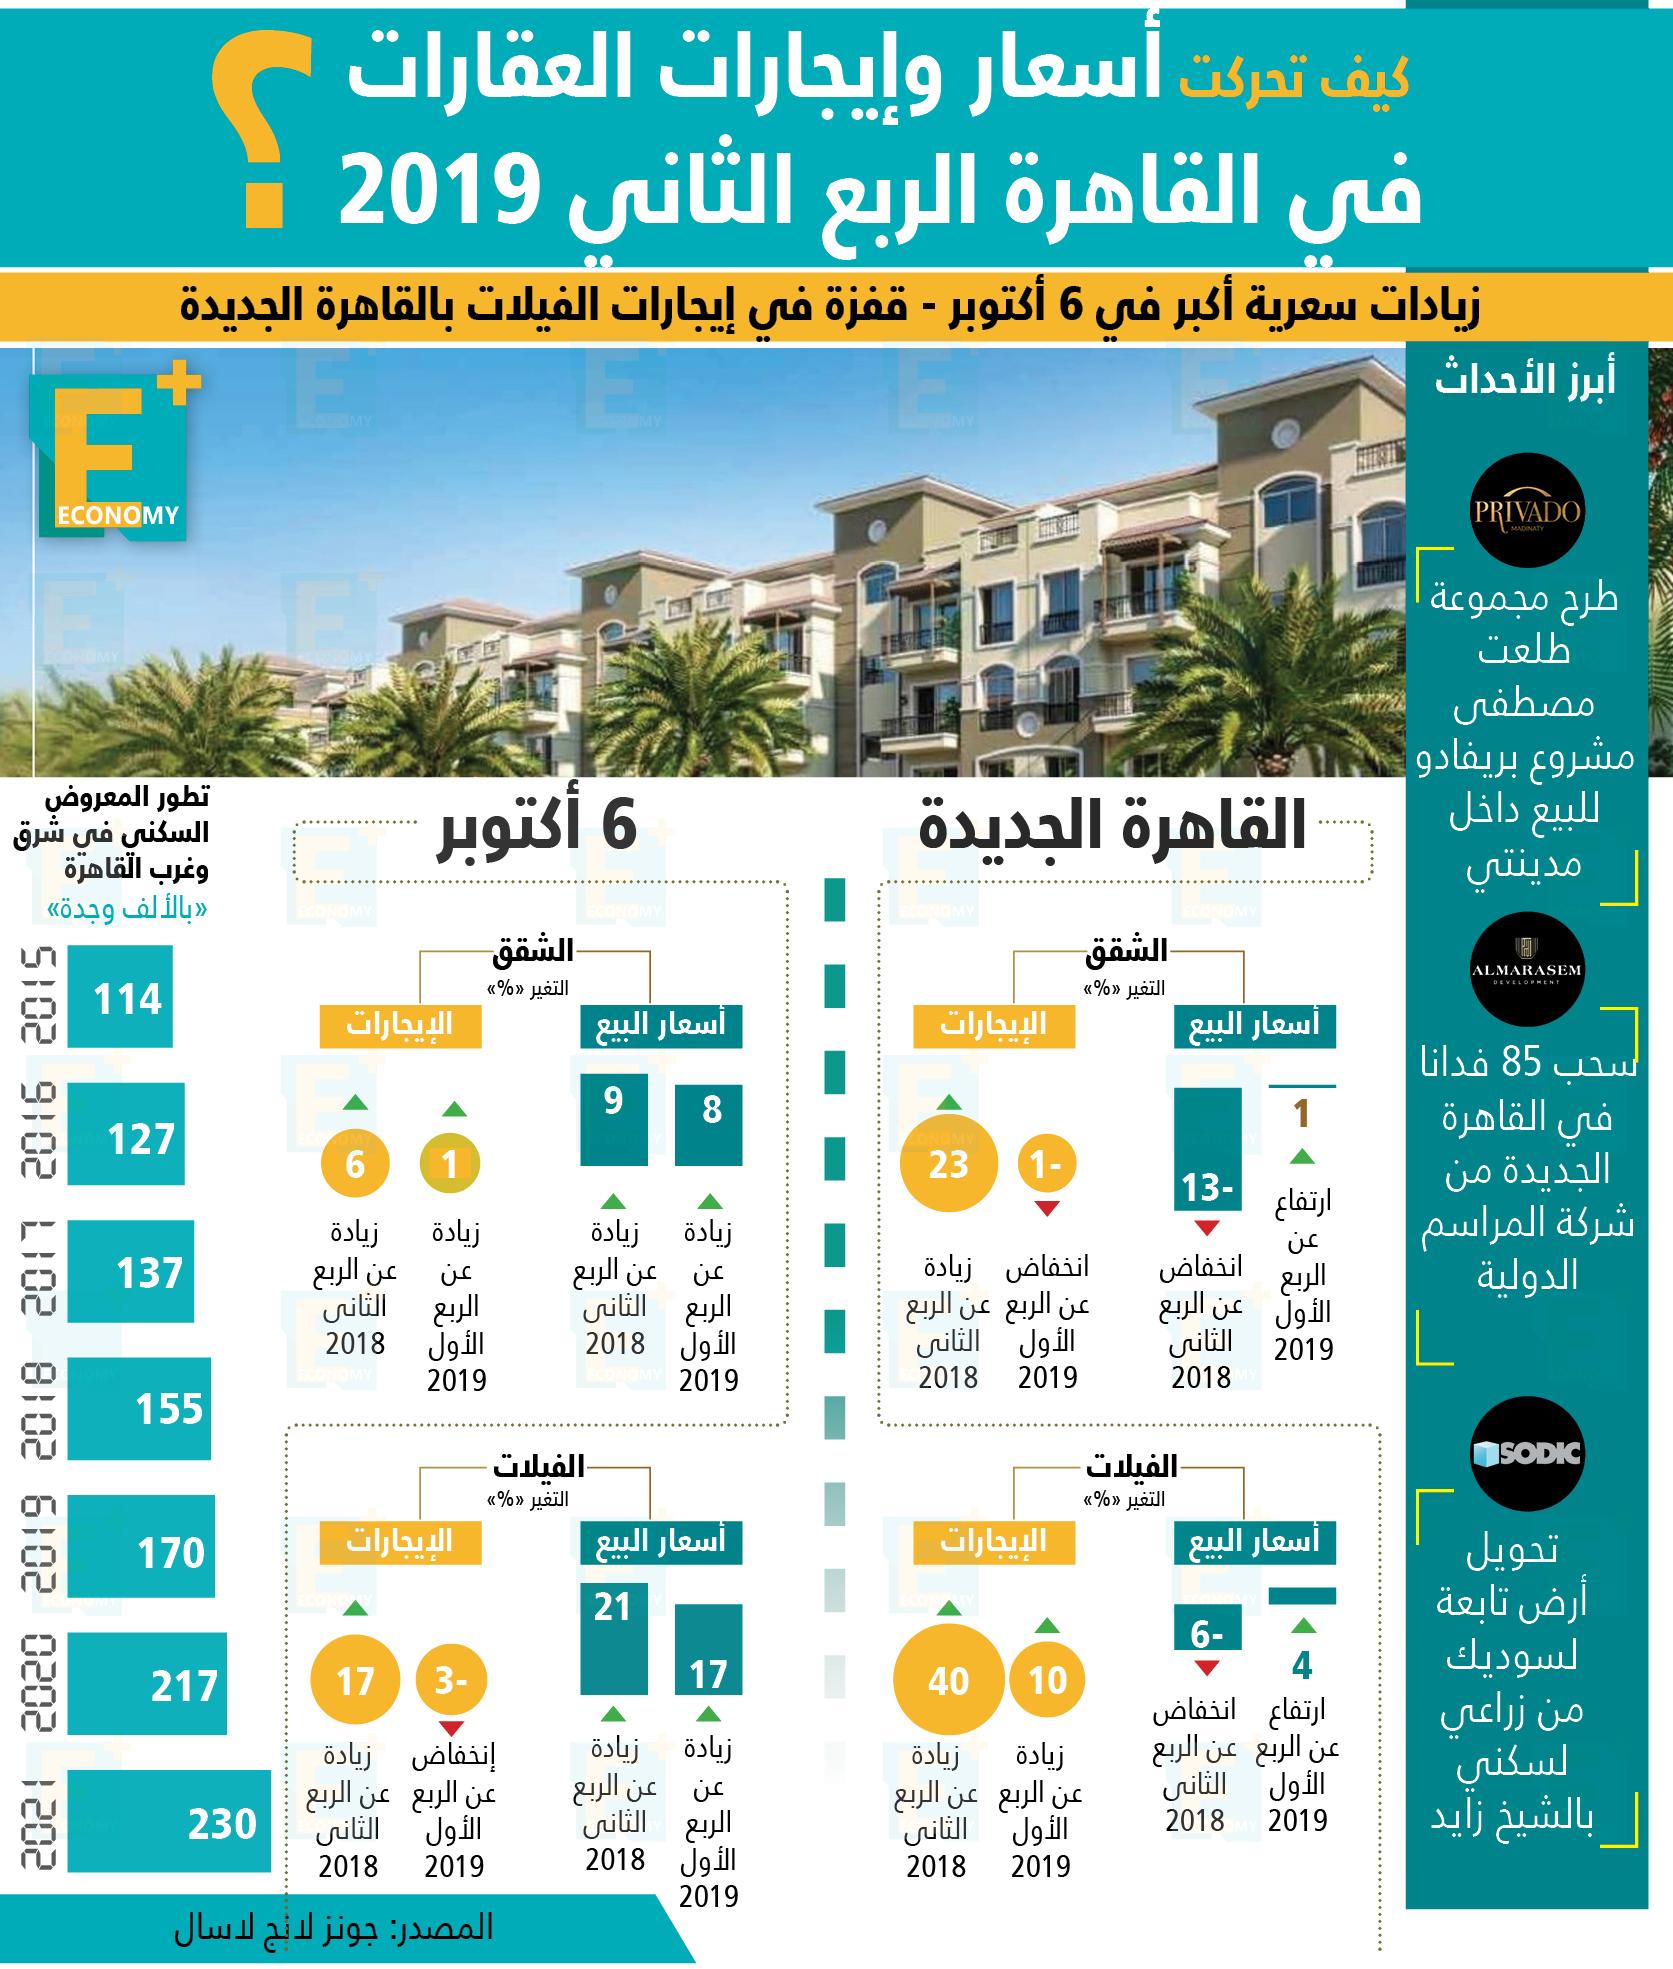 العقارات-القاهرة الجديدة-6 أكتوبر-أسعار الفائدة